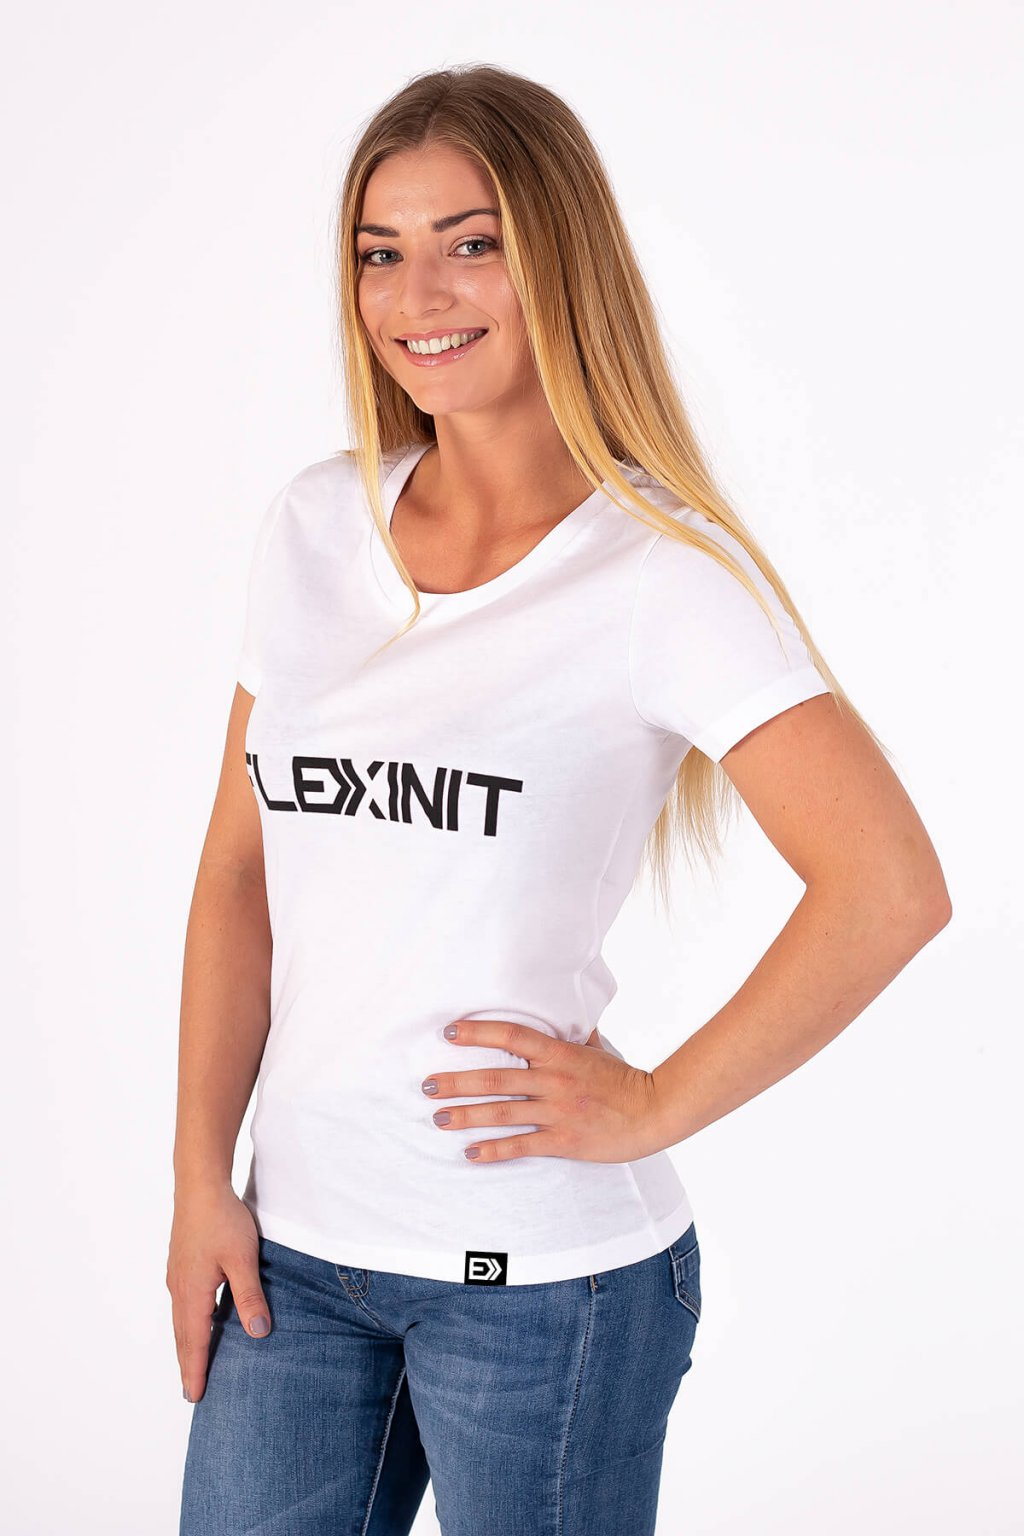 Dámské tričko FLEXINIT bílé